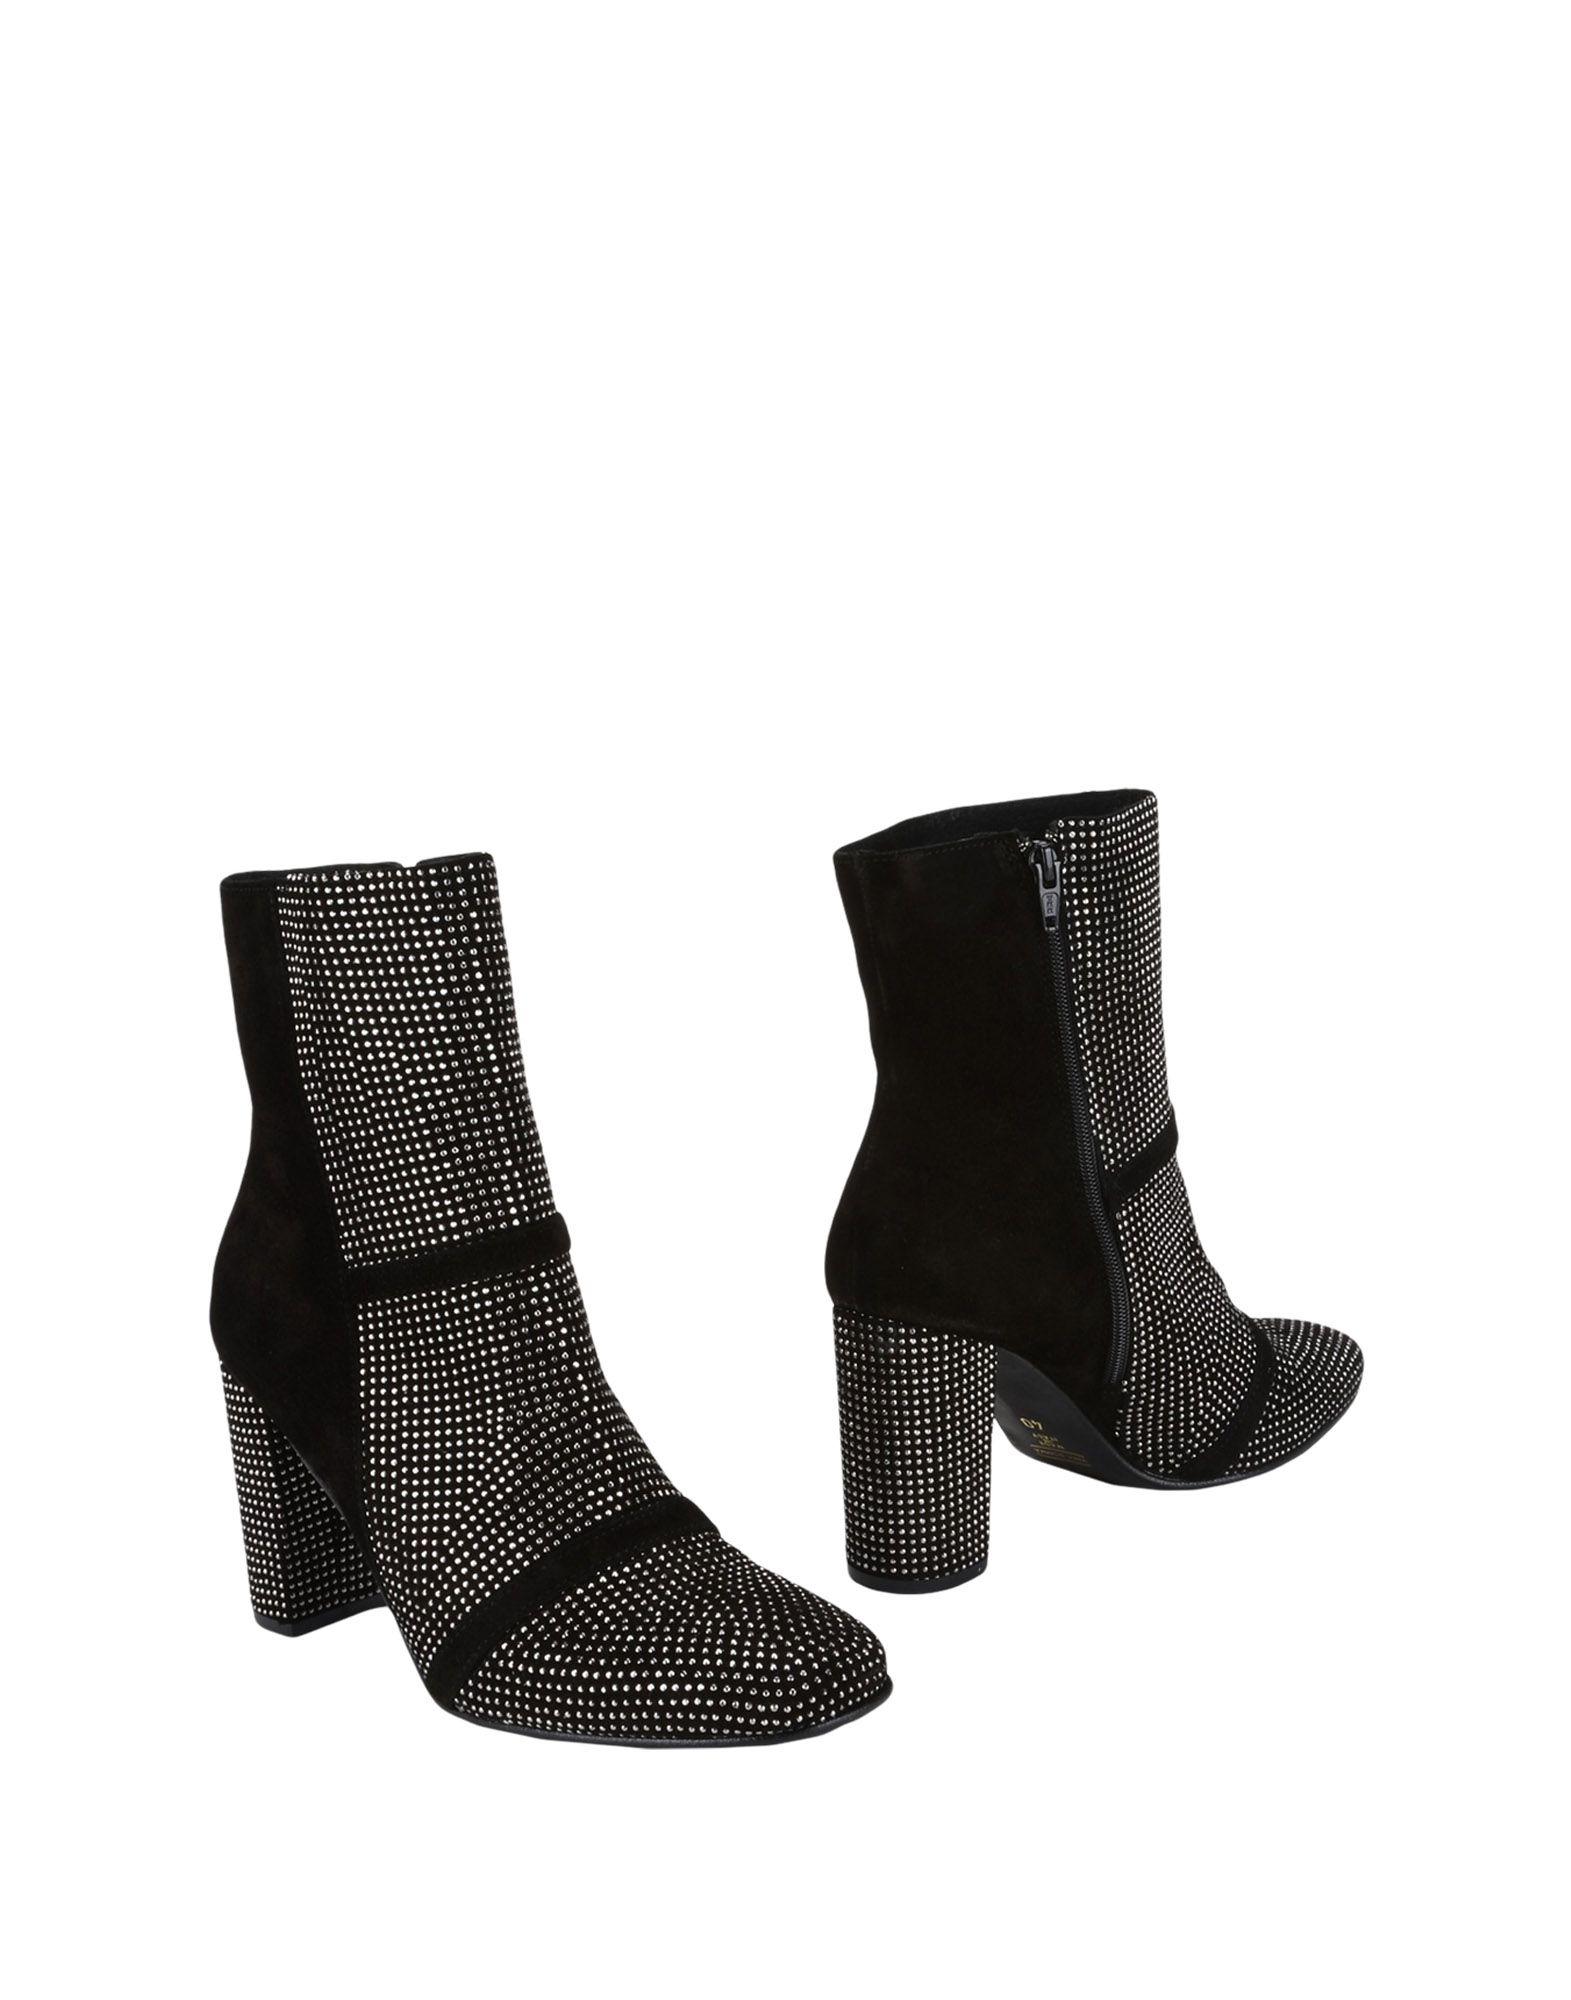 George J. Love Stiefelette Damen  beliebte 11403799EK Gute Qualität beliebte  Schuhe 324c43